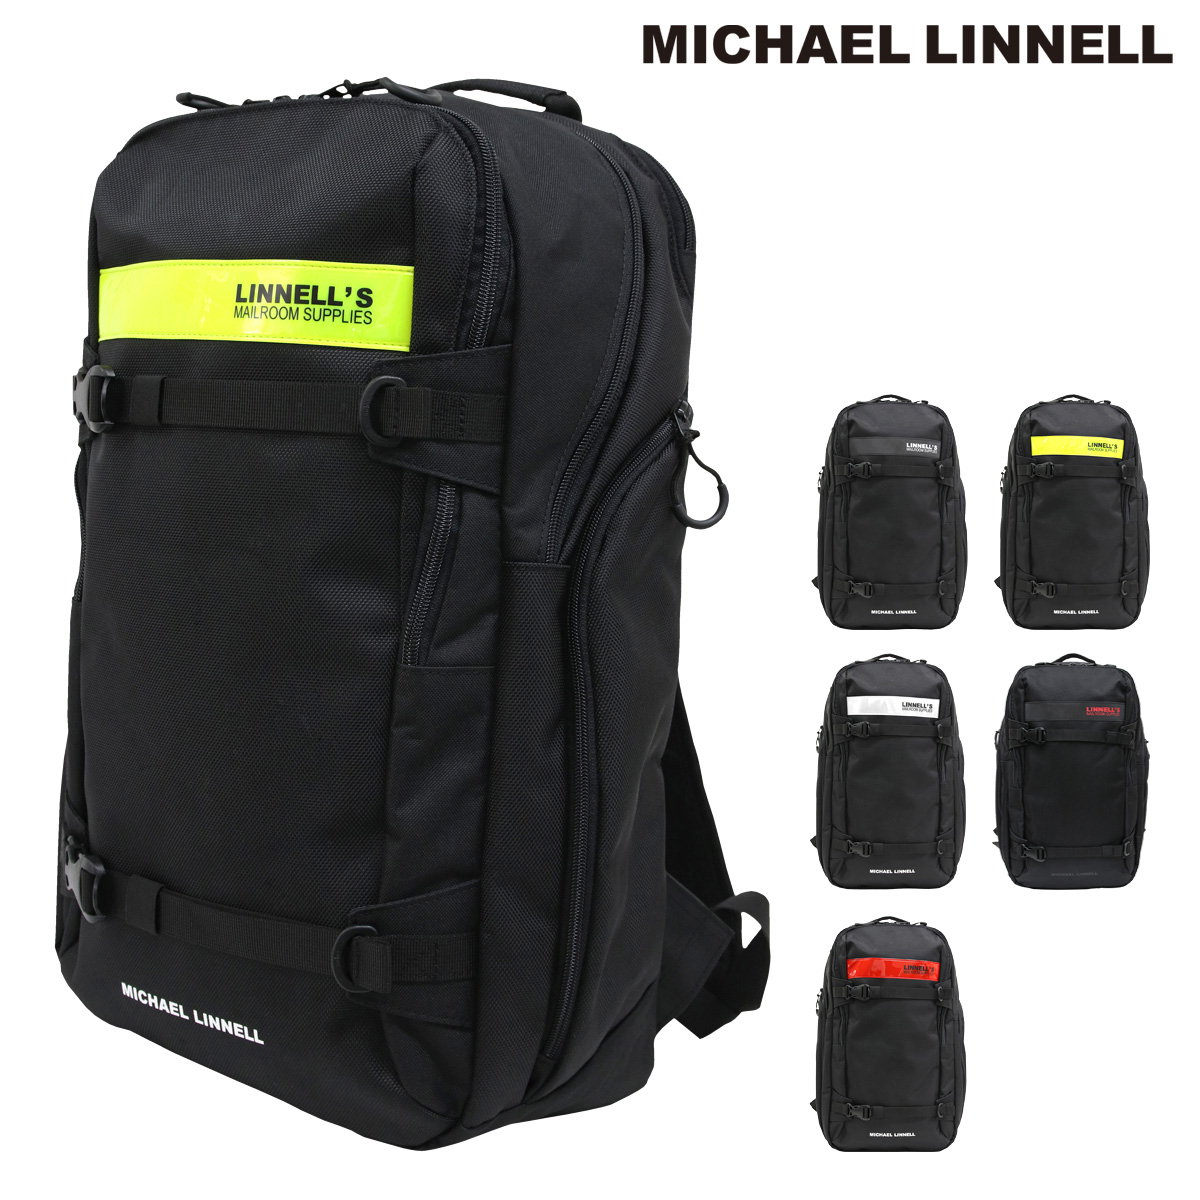 マイケルリンネル リュック 29L メンズ レディース ML-030 MICHAEL LINNELL | リュックサック